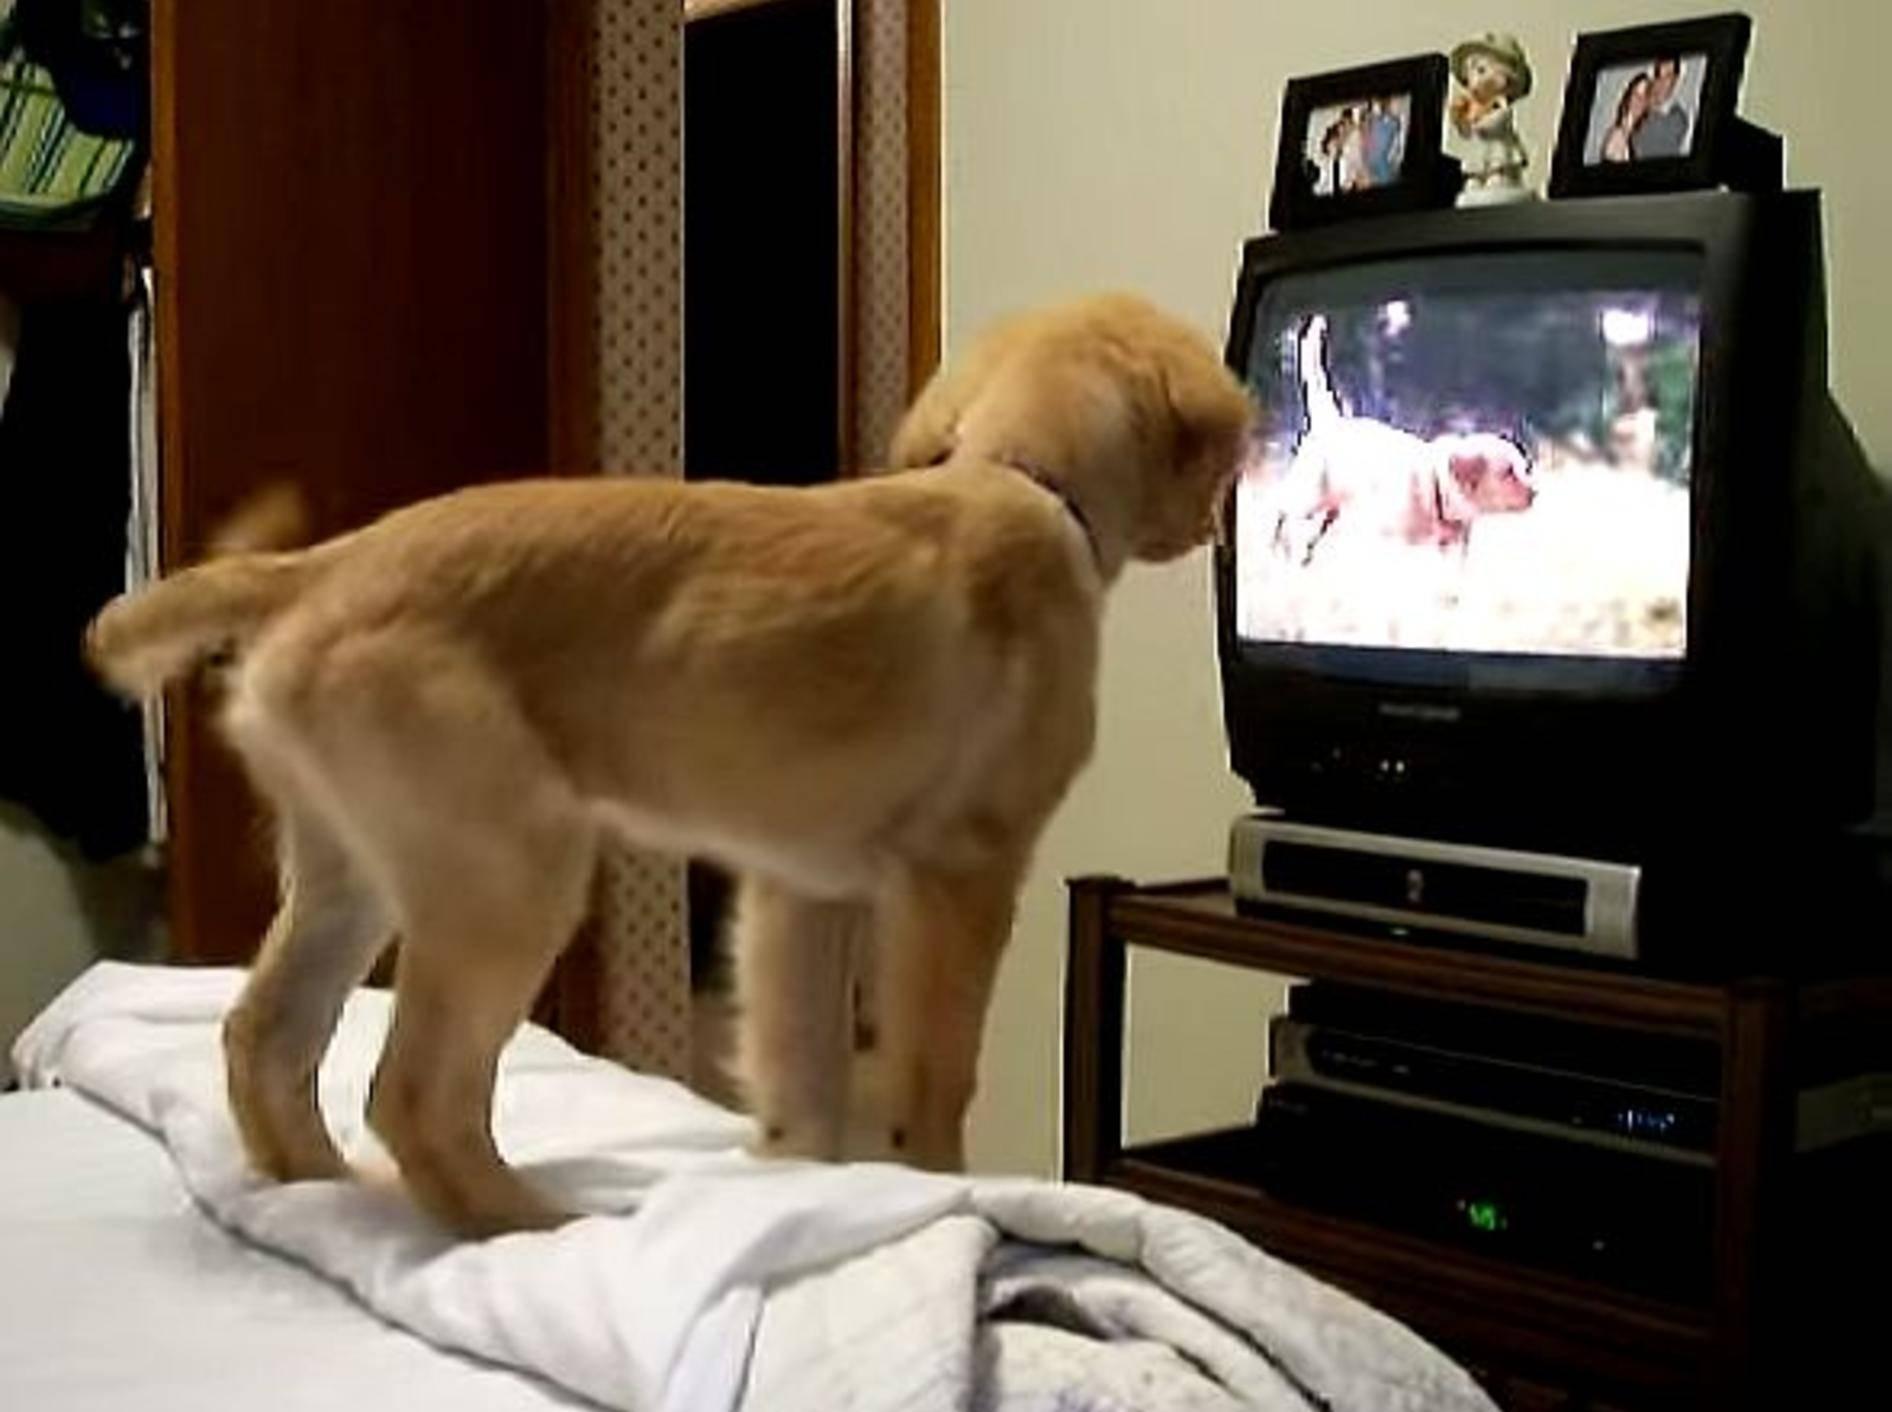 Golden-Retriever-Welpe findet Fernsehen klasse! – Bild: Youtube / bellezza128